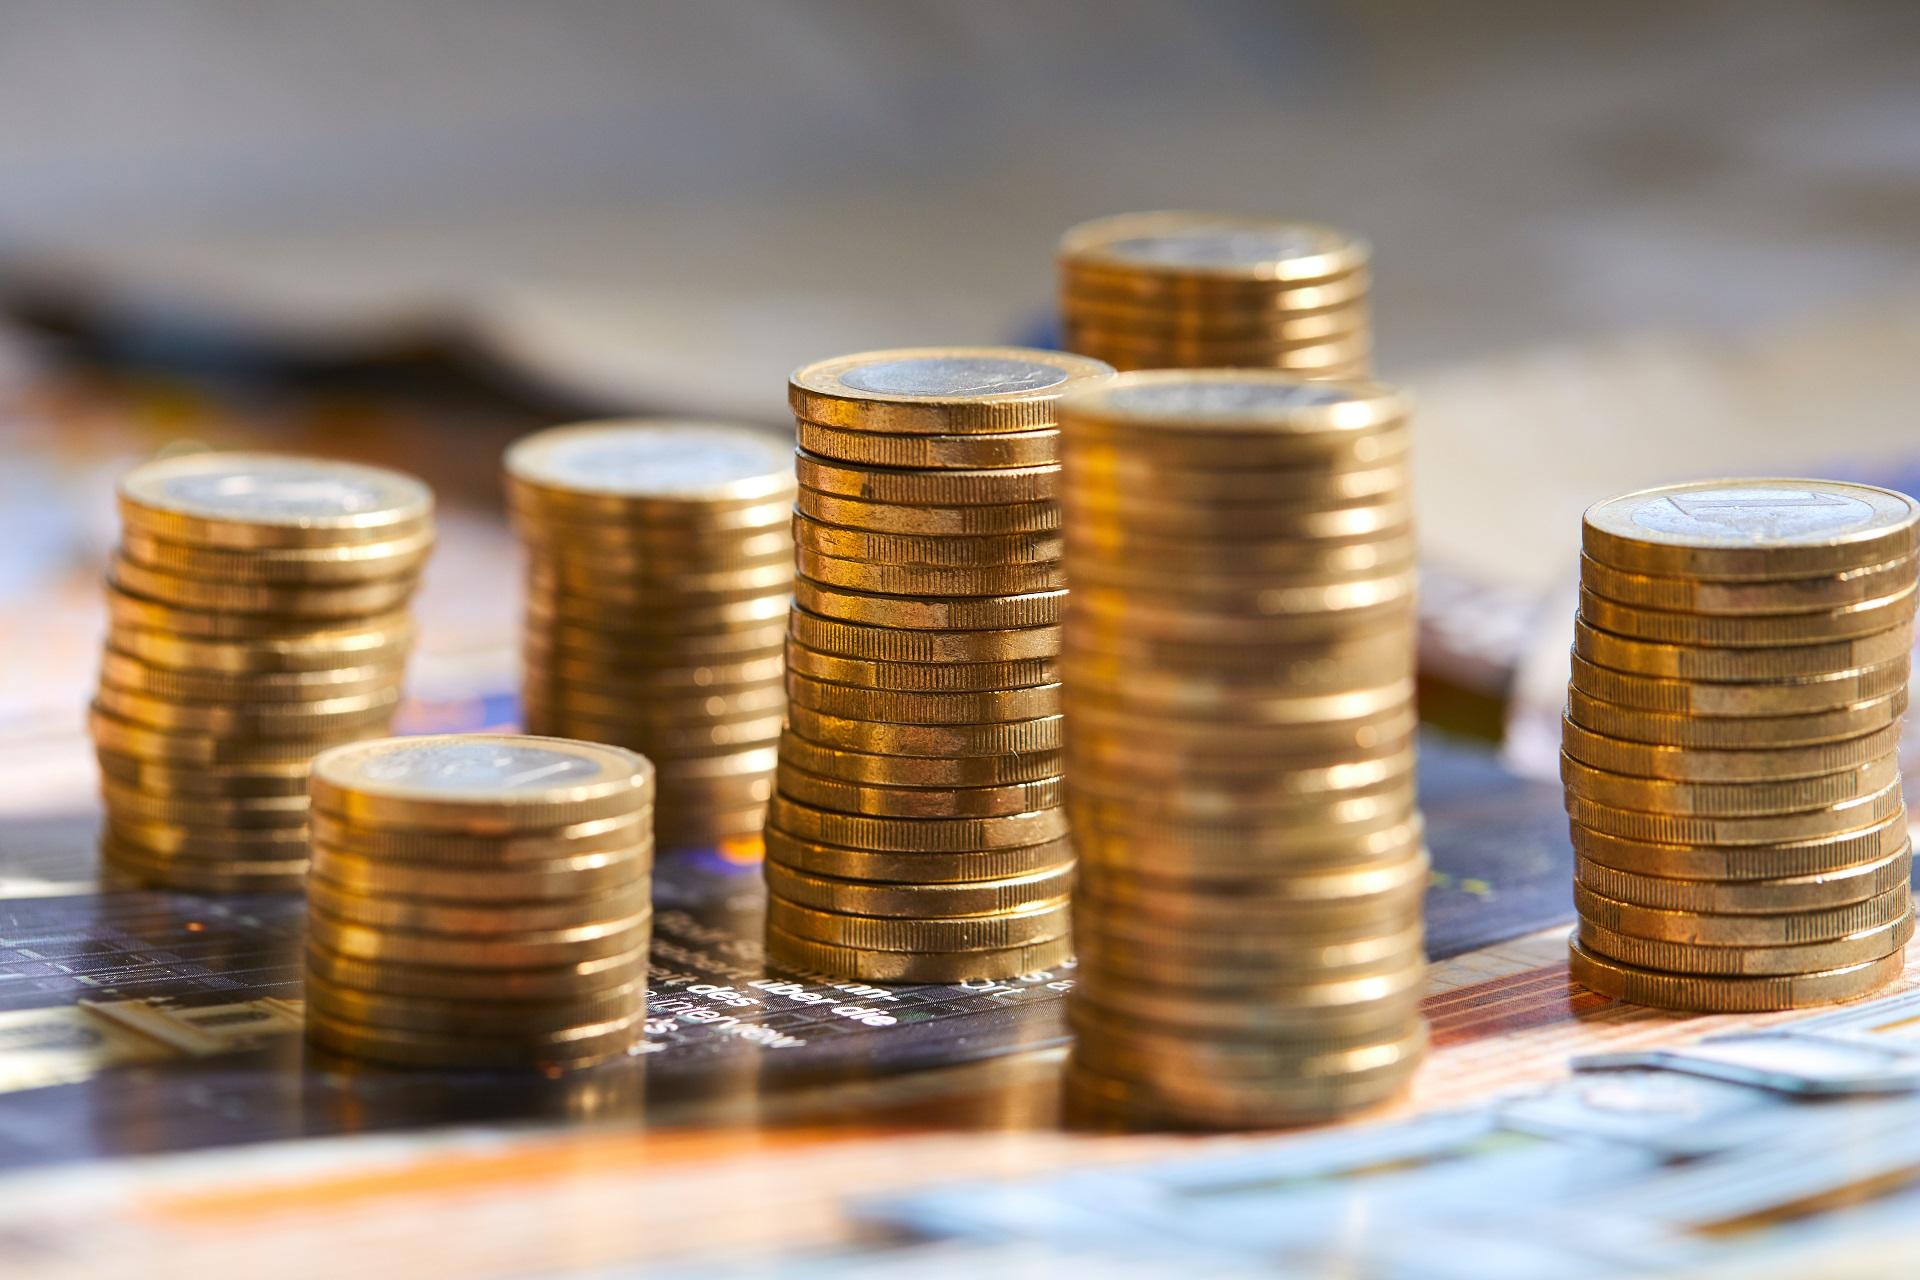 risparmio:-confesercenti,-aumento-depositi-causato-dall'incertezza-e-dal-crollo-di-fatturati-e-redditi